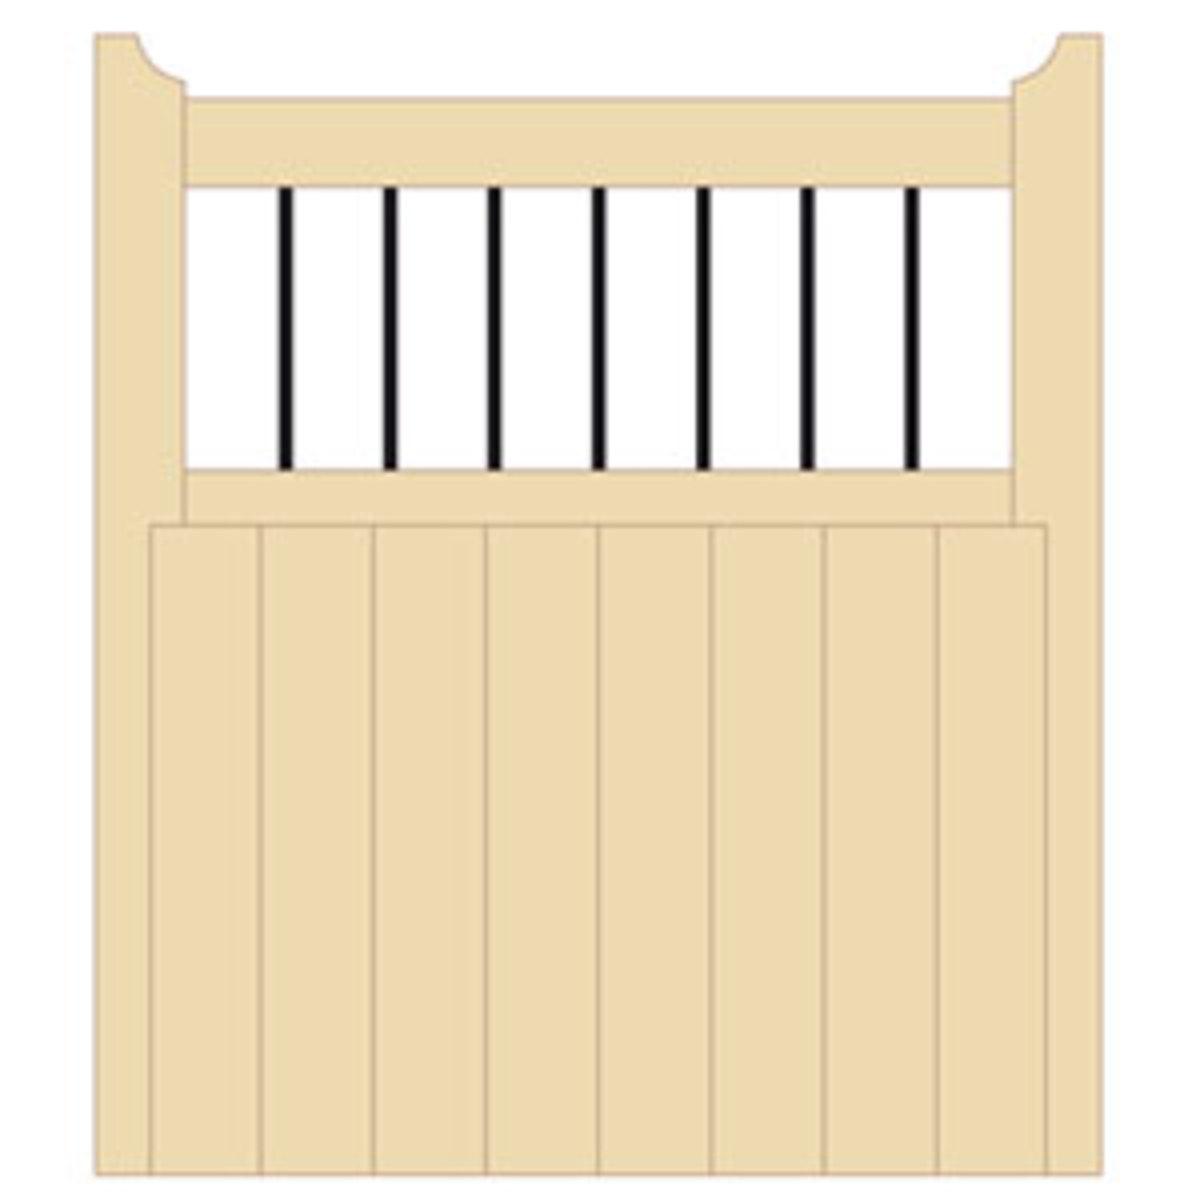 Wooden gates - Single wooden gates - Bordeaux gate